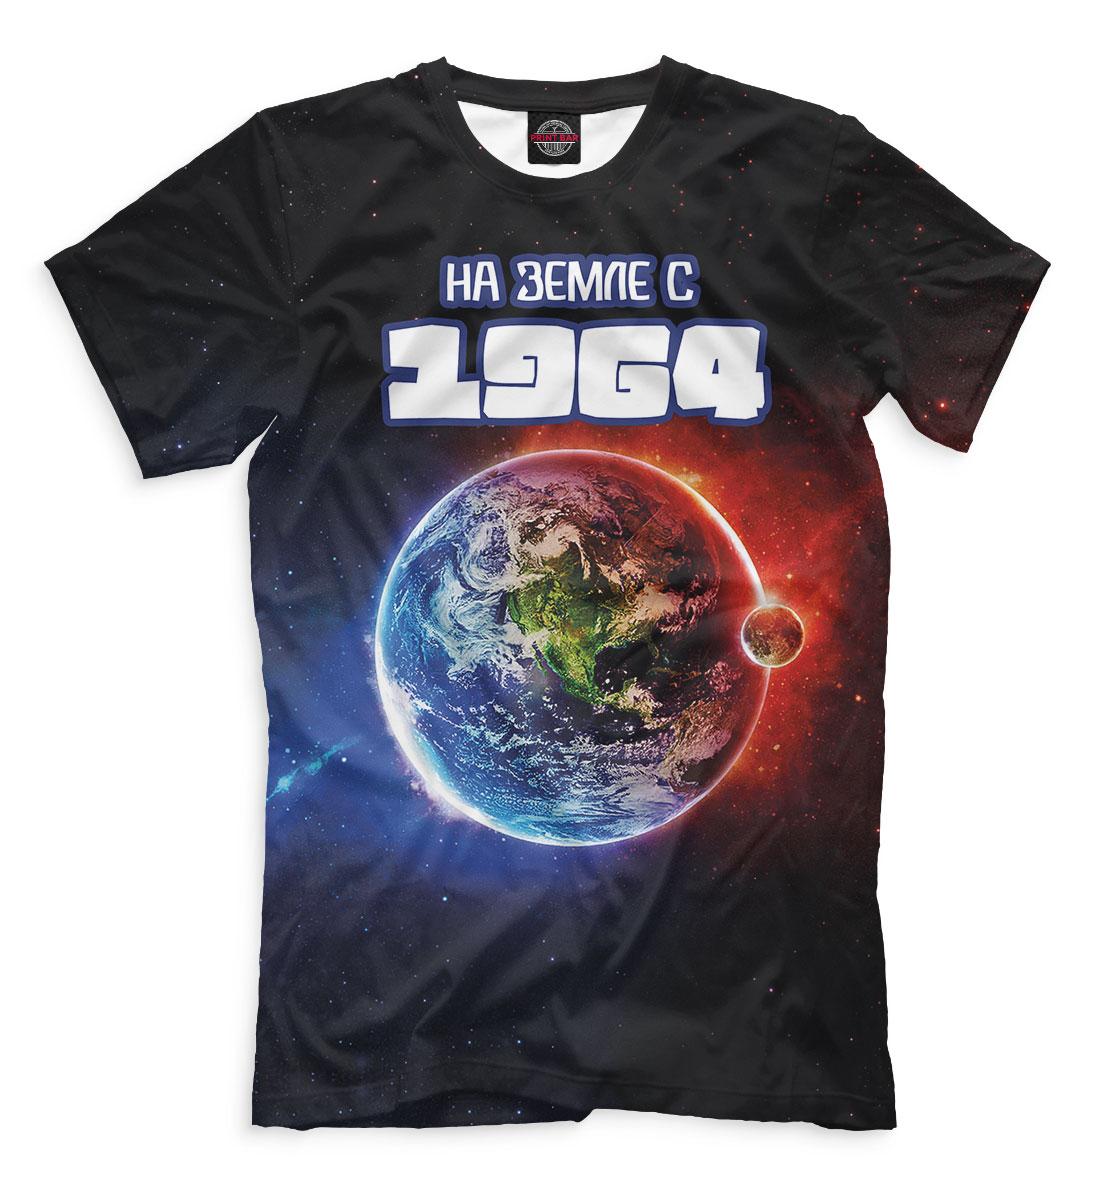 Купить На Земле с 1964, Printbar, Футболки, DHC-250084-fut-2